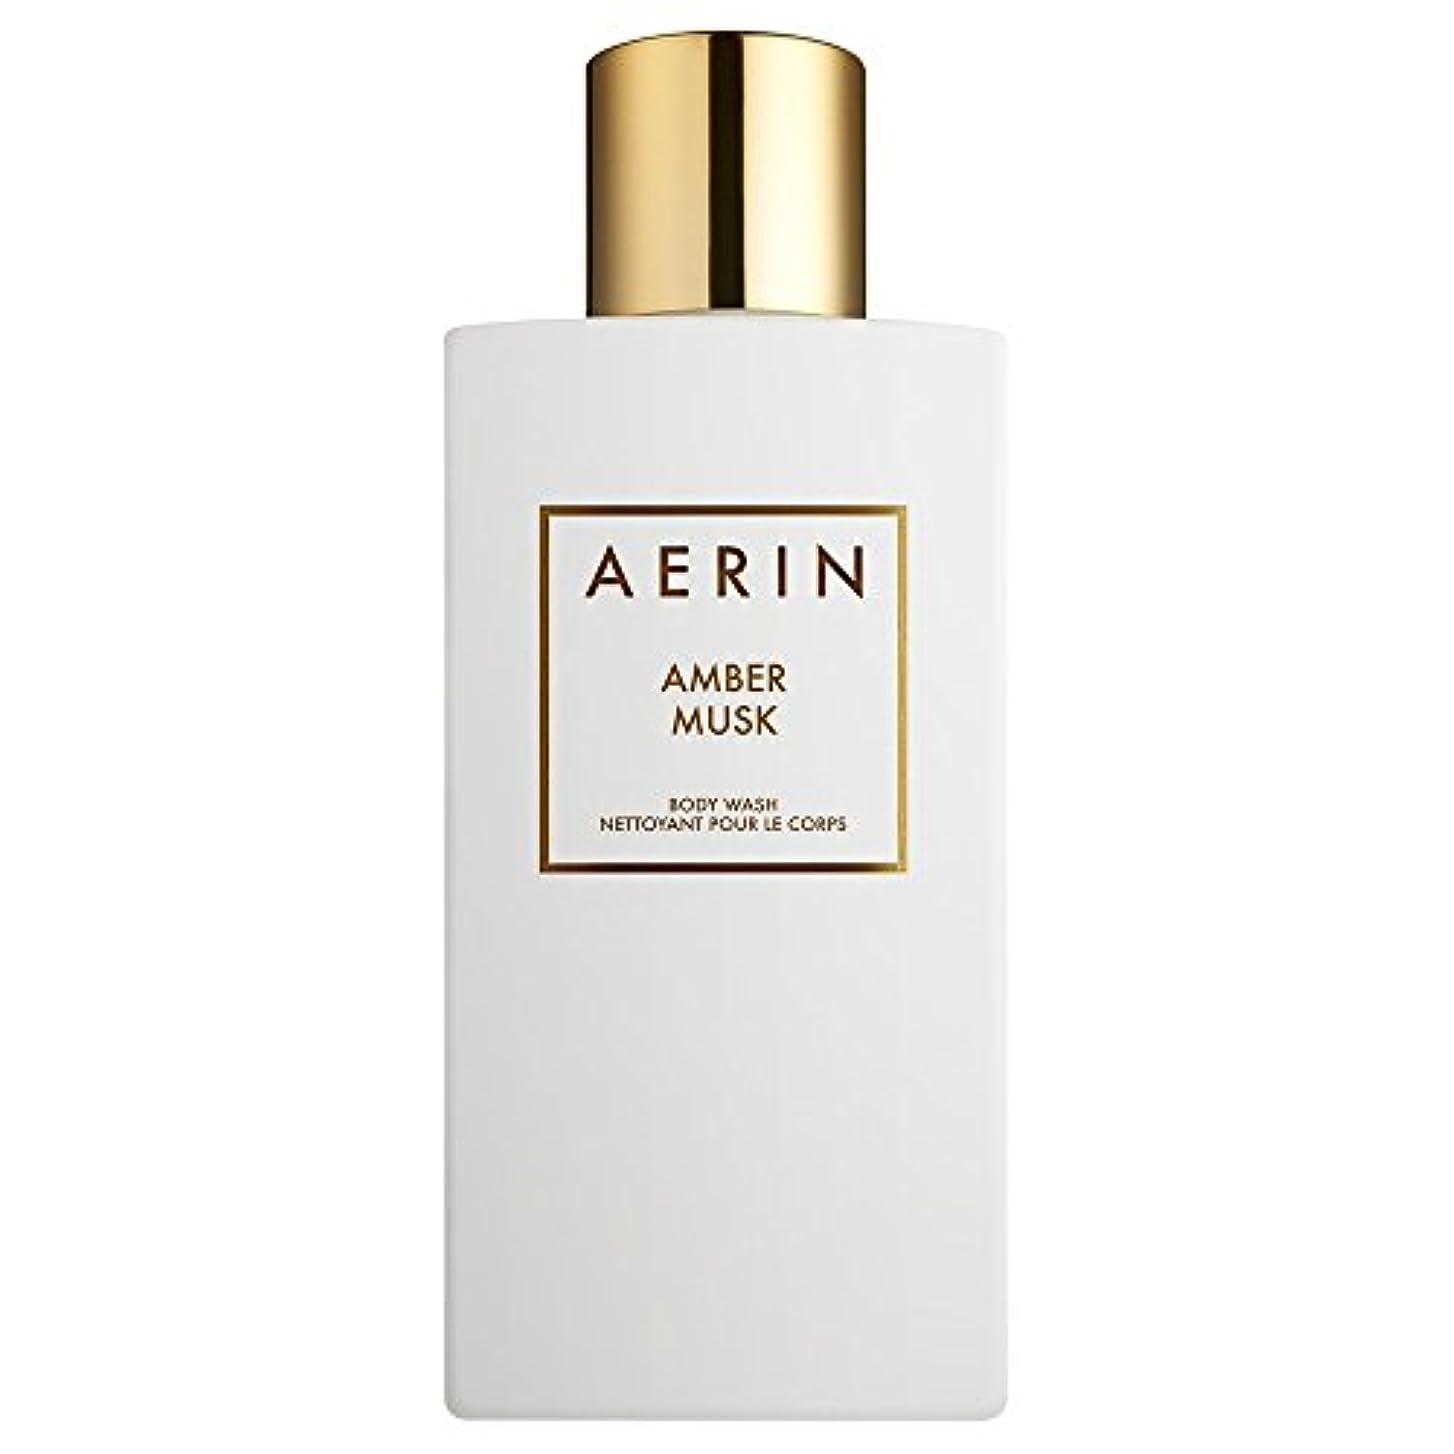 土最後に愛情深いAerinアンバームスクボディウォッシュ225ミリリットル (AERIN) (x6) - AERIN Amber Musk Bodywash 225ml (Pack of 6) [並行輸入品]